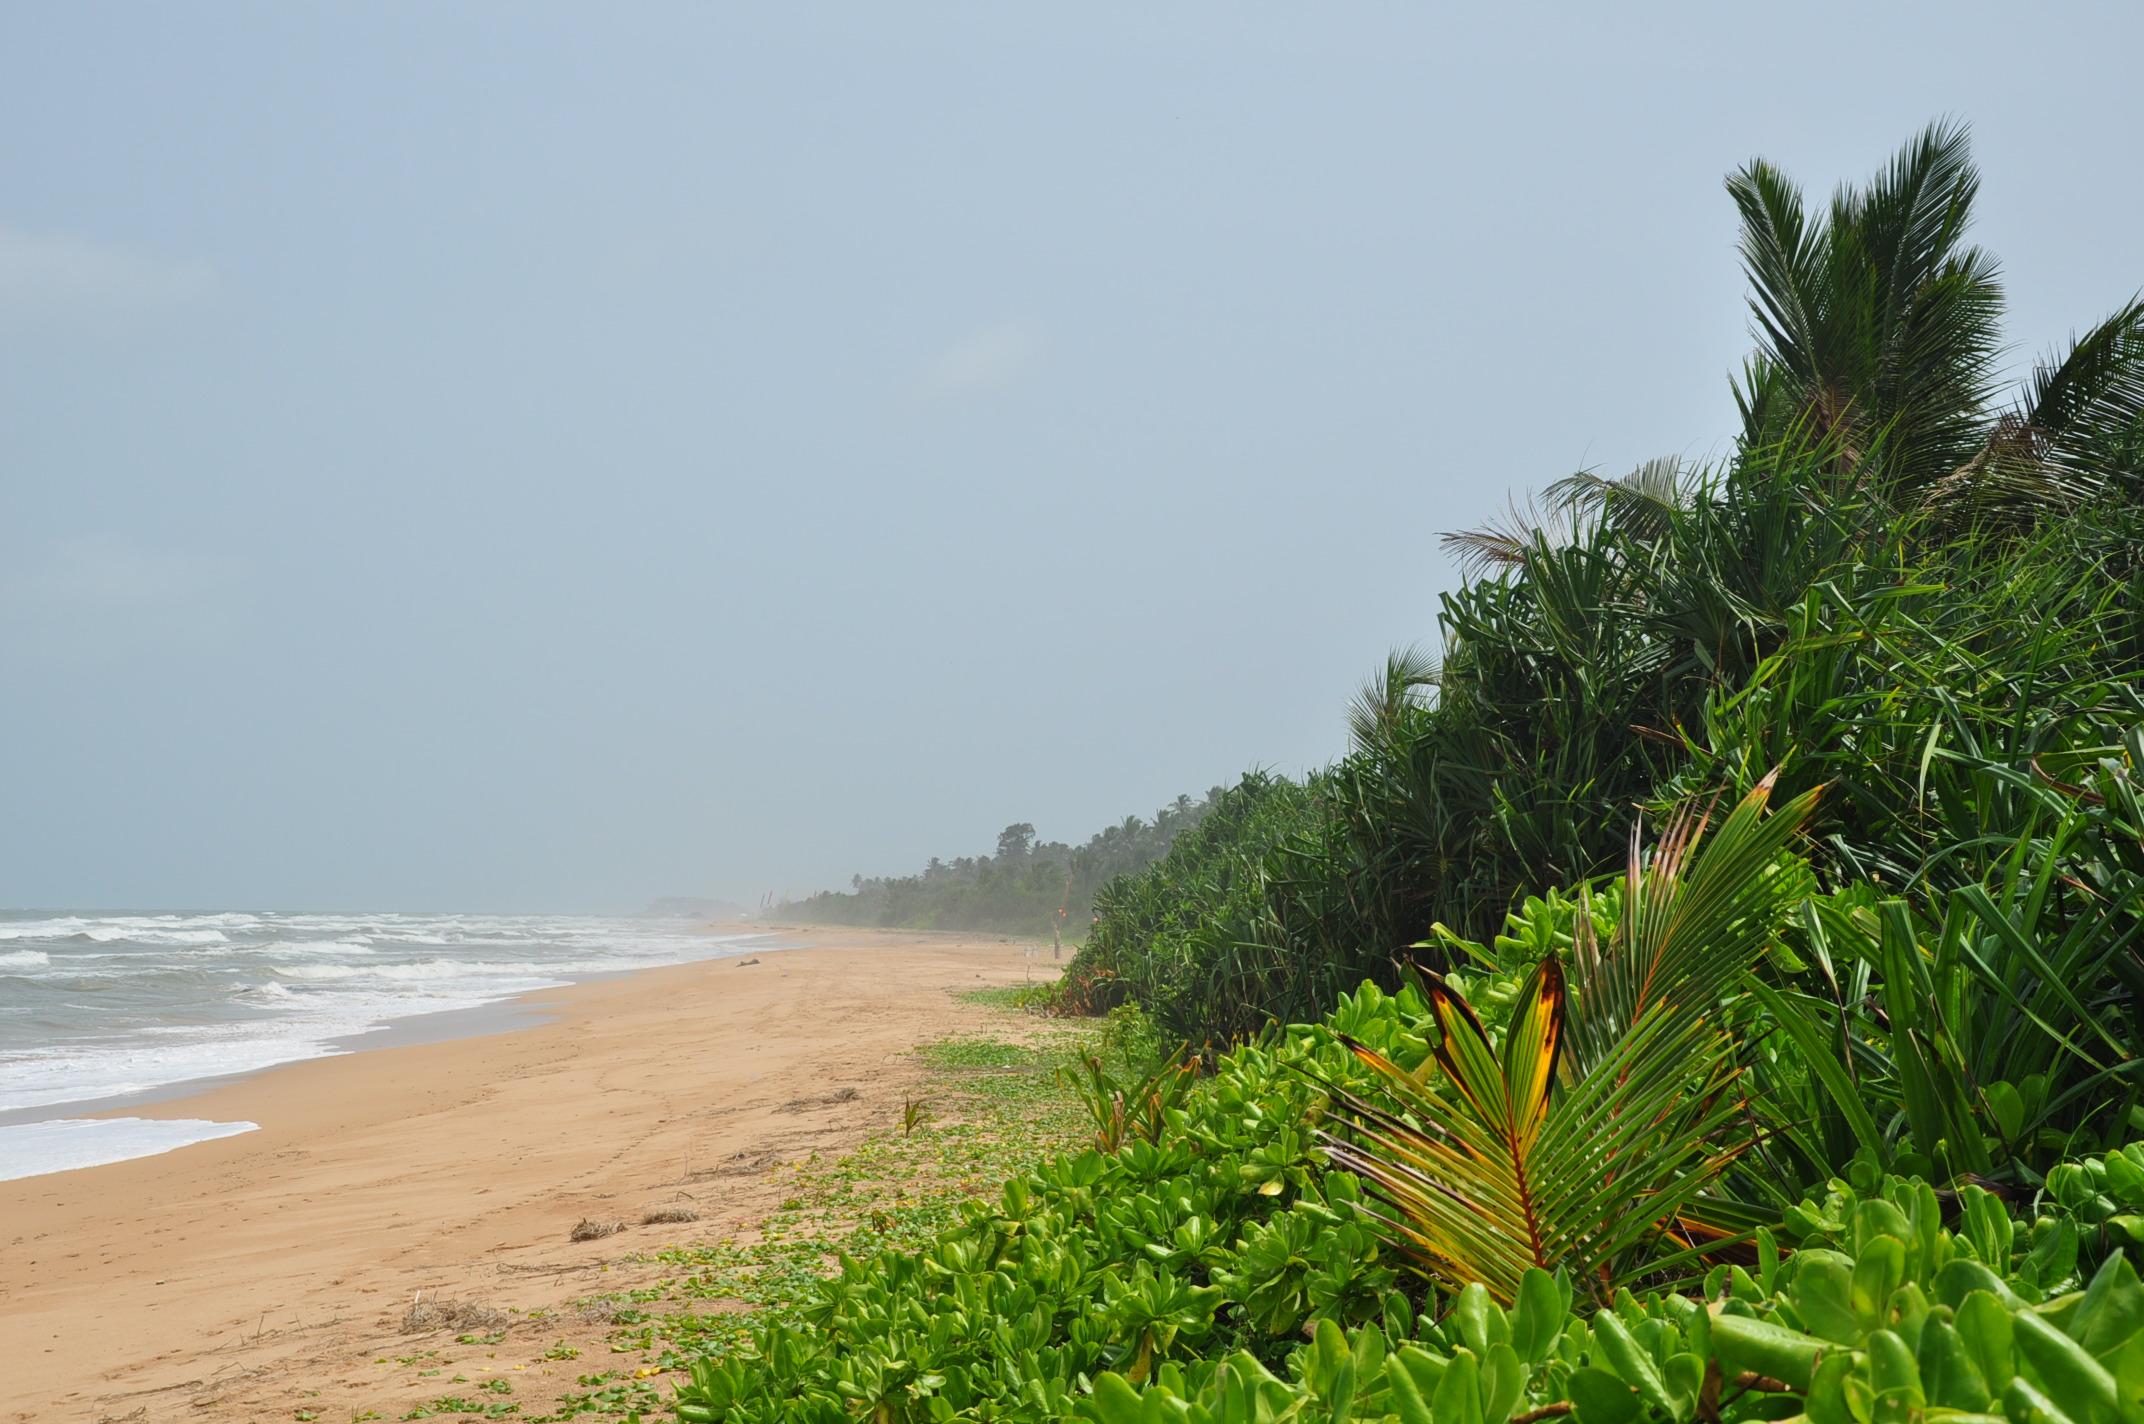 Bentota Beaches in Sri Lanka That Offer Gorgeous Sandy Shores